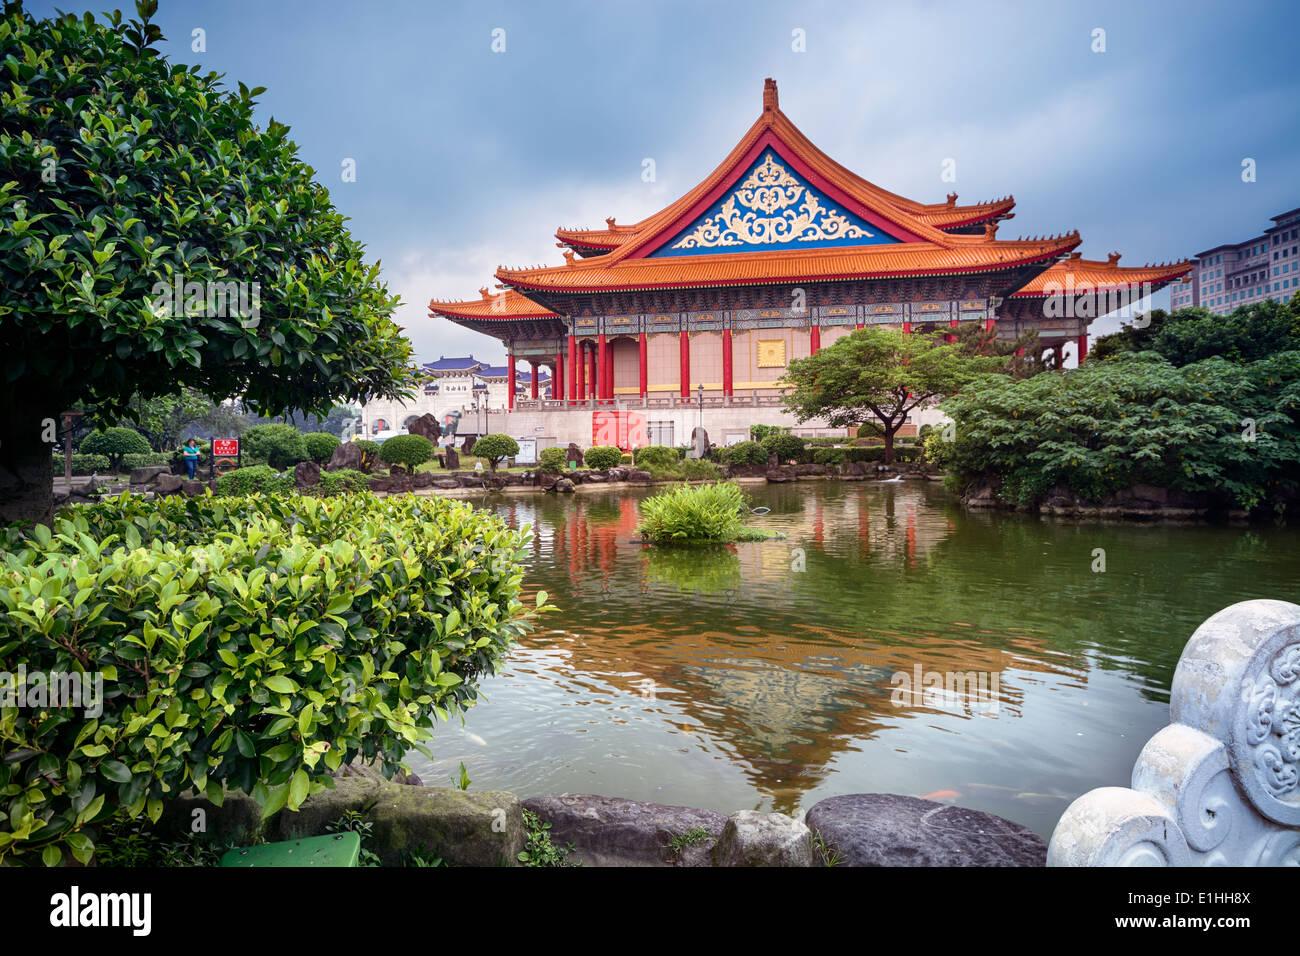 National Concert Hall à la place de la liberté à Taipei - Taiwan. Photo Stock